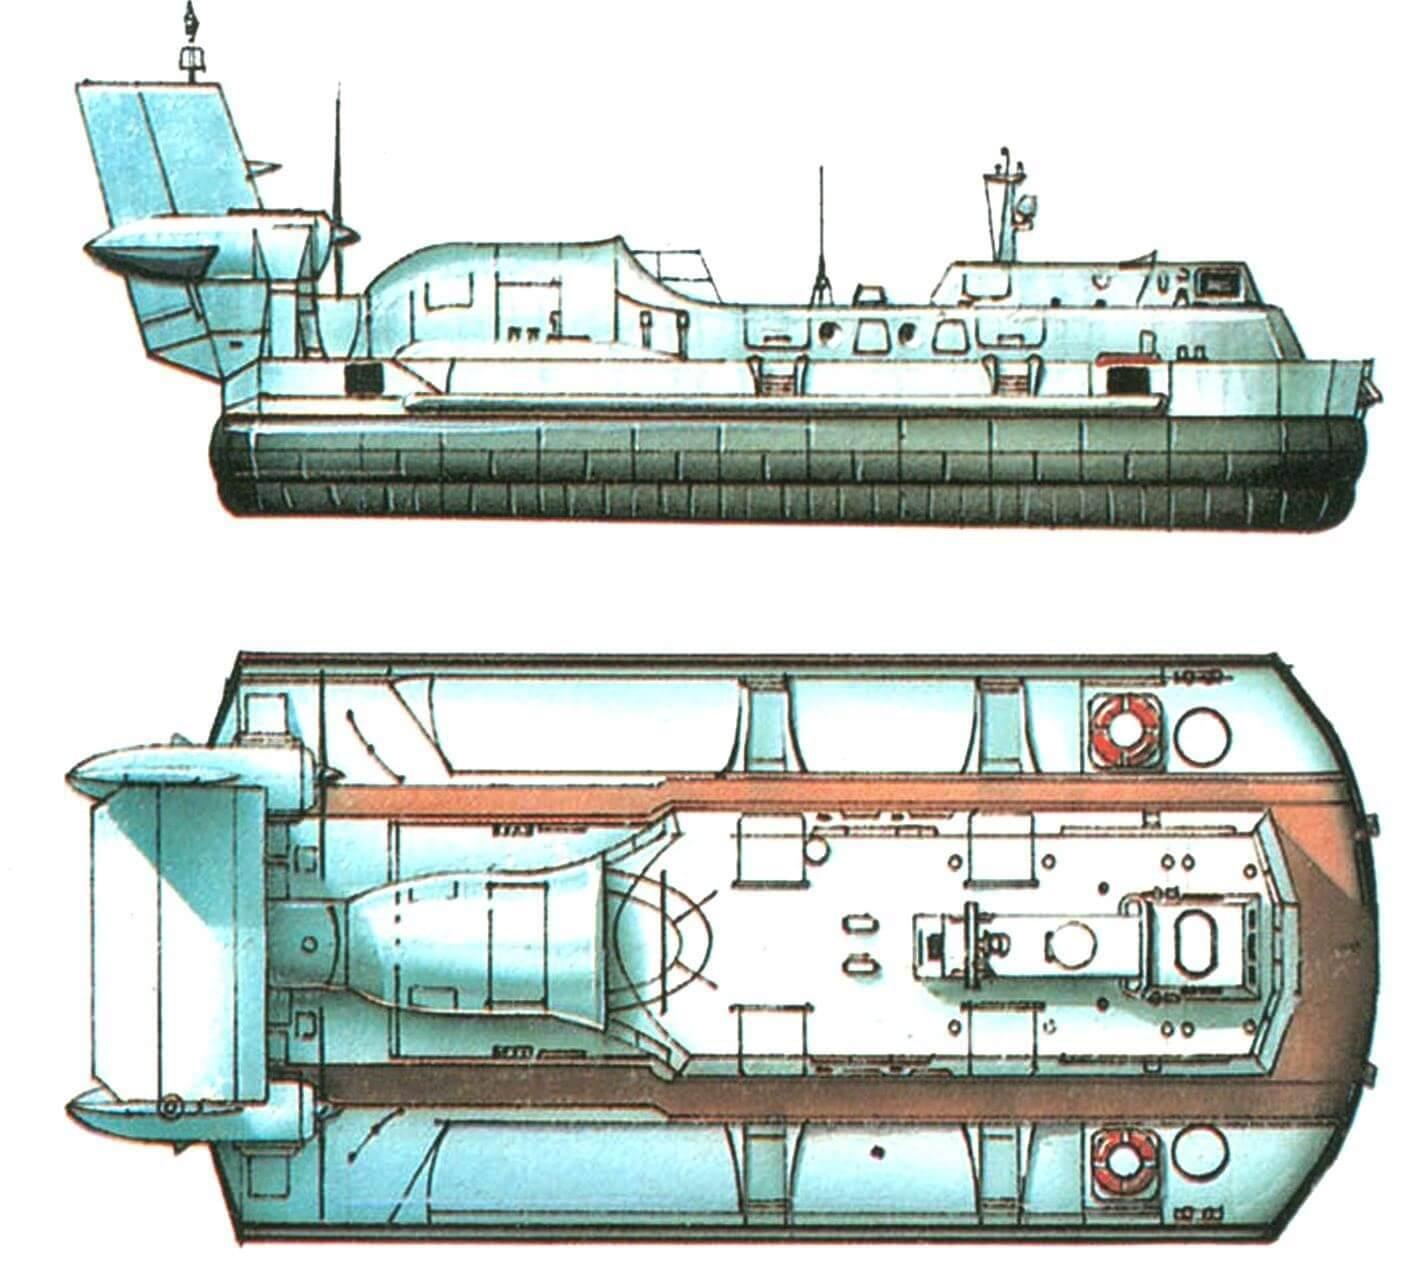 60. Десантный катер на воздушной подушке типа «Скат» (проект 1205), СССР, 1969 г. Водоизмещение 27 т. Длина 20,4 м, ширина 8,4 м, осадка на плаву 0,7 м. Две газовые турбины для движения общей мощностью 2340 л.с., одна газовая турбина для подъема мощностью 780 л.с., скорость 49 узлов. Вместимость: 40 человек. В 1969 — 1974 годах построено 29 единиц.